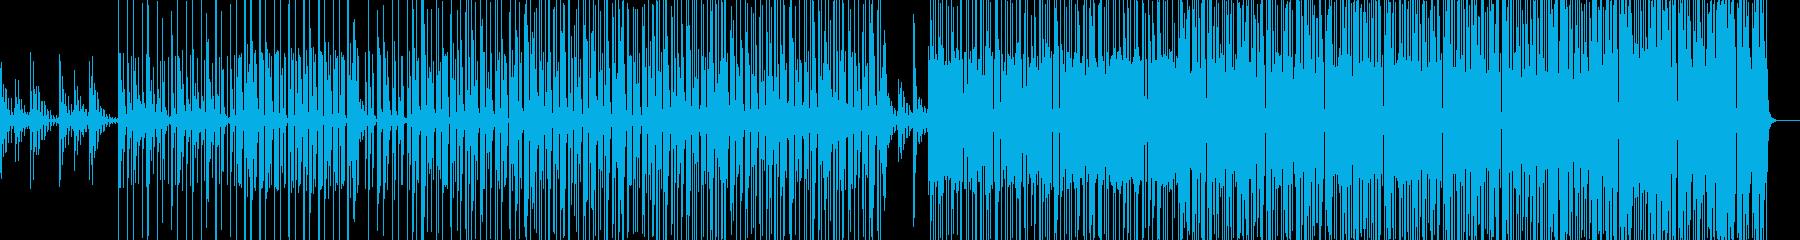 実験的エレクトロヒップホップの再生済みの波形